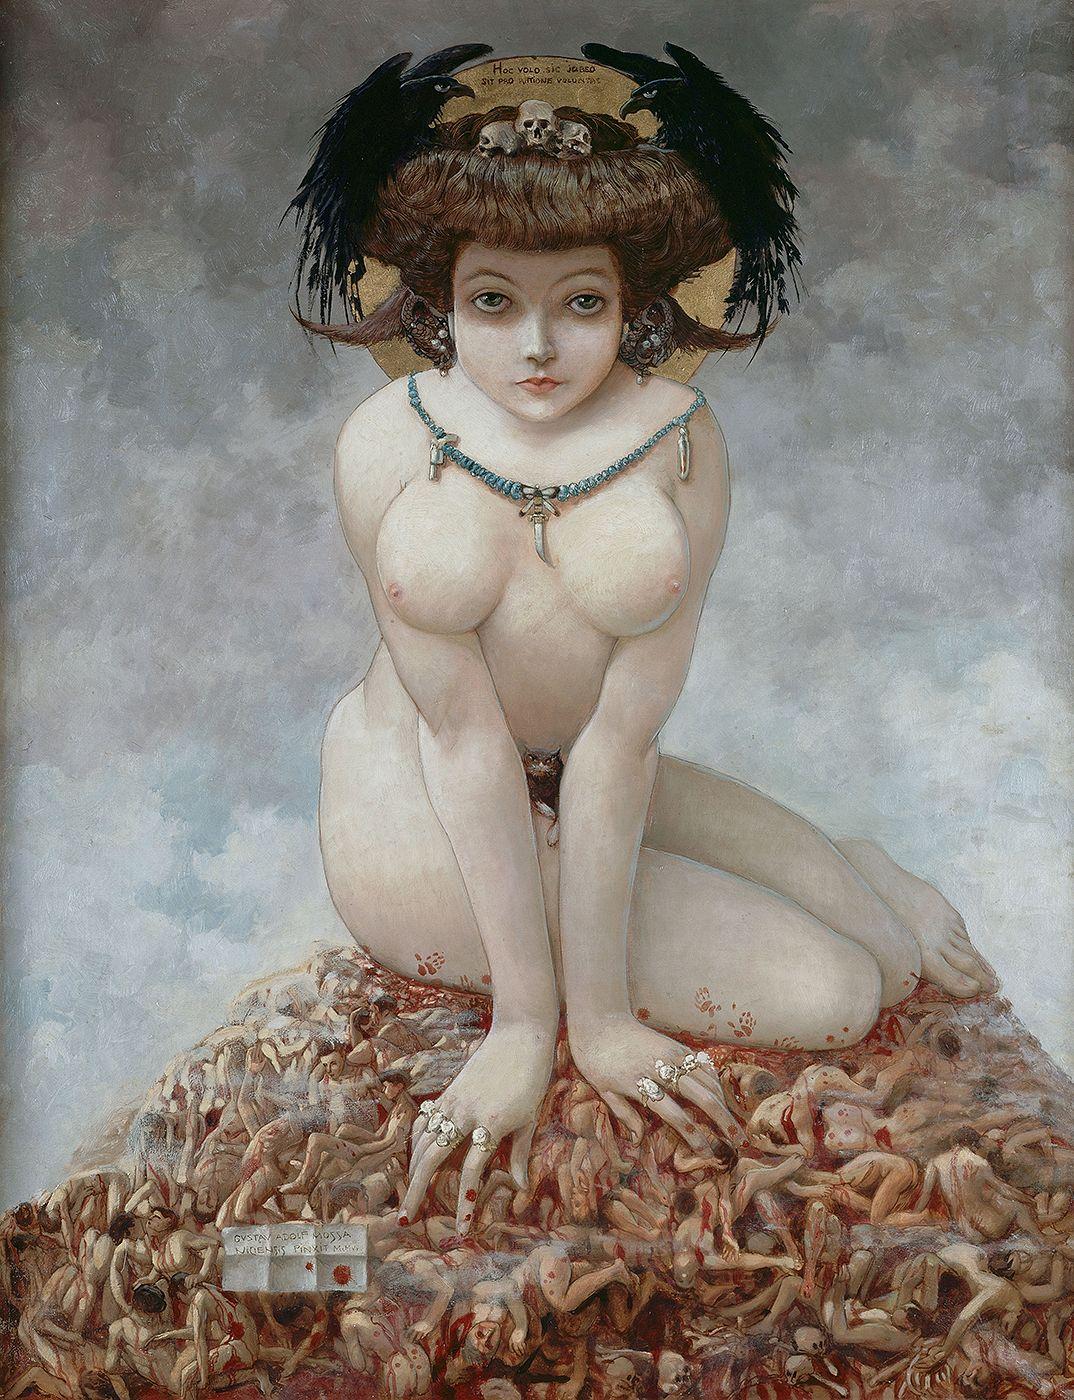 Elle, de Gustav-Adolf Mossa, peint en 1905. Ce tableau m'a donné l'idée des scènes dites « oniriques » d'Isabelle géante jouant avec des hommes miniatures. L'intrigue étant contemporaine du Gulliver de Swift, jouer avec ces rapports d'échelle métaphoriques s'imposait.